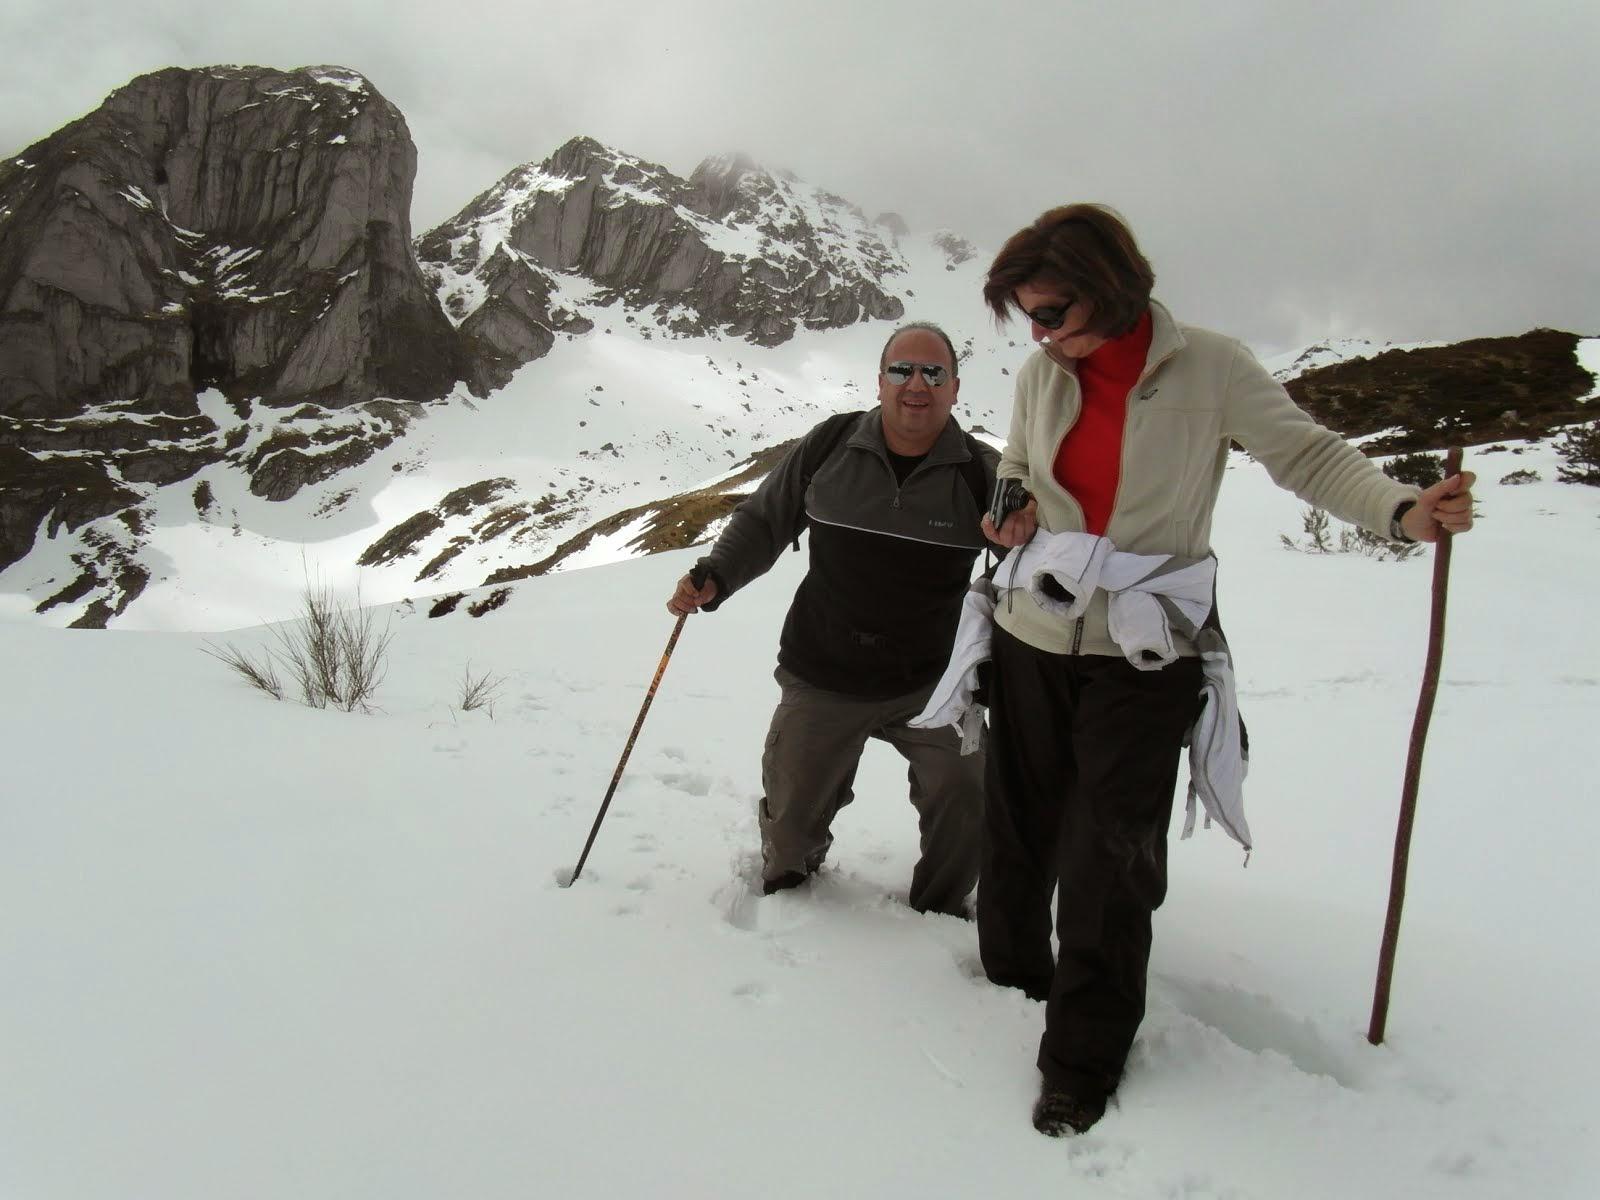 Amigos valencianos en la nieve